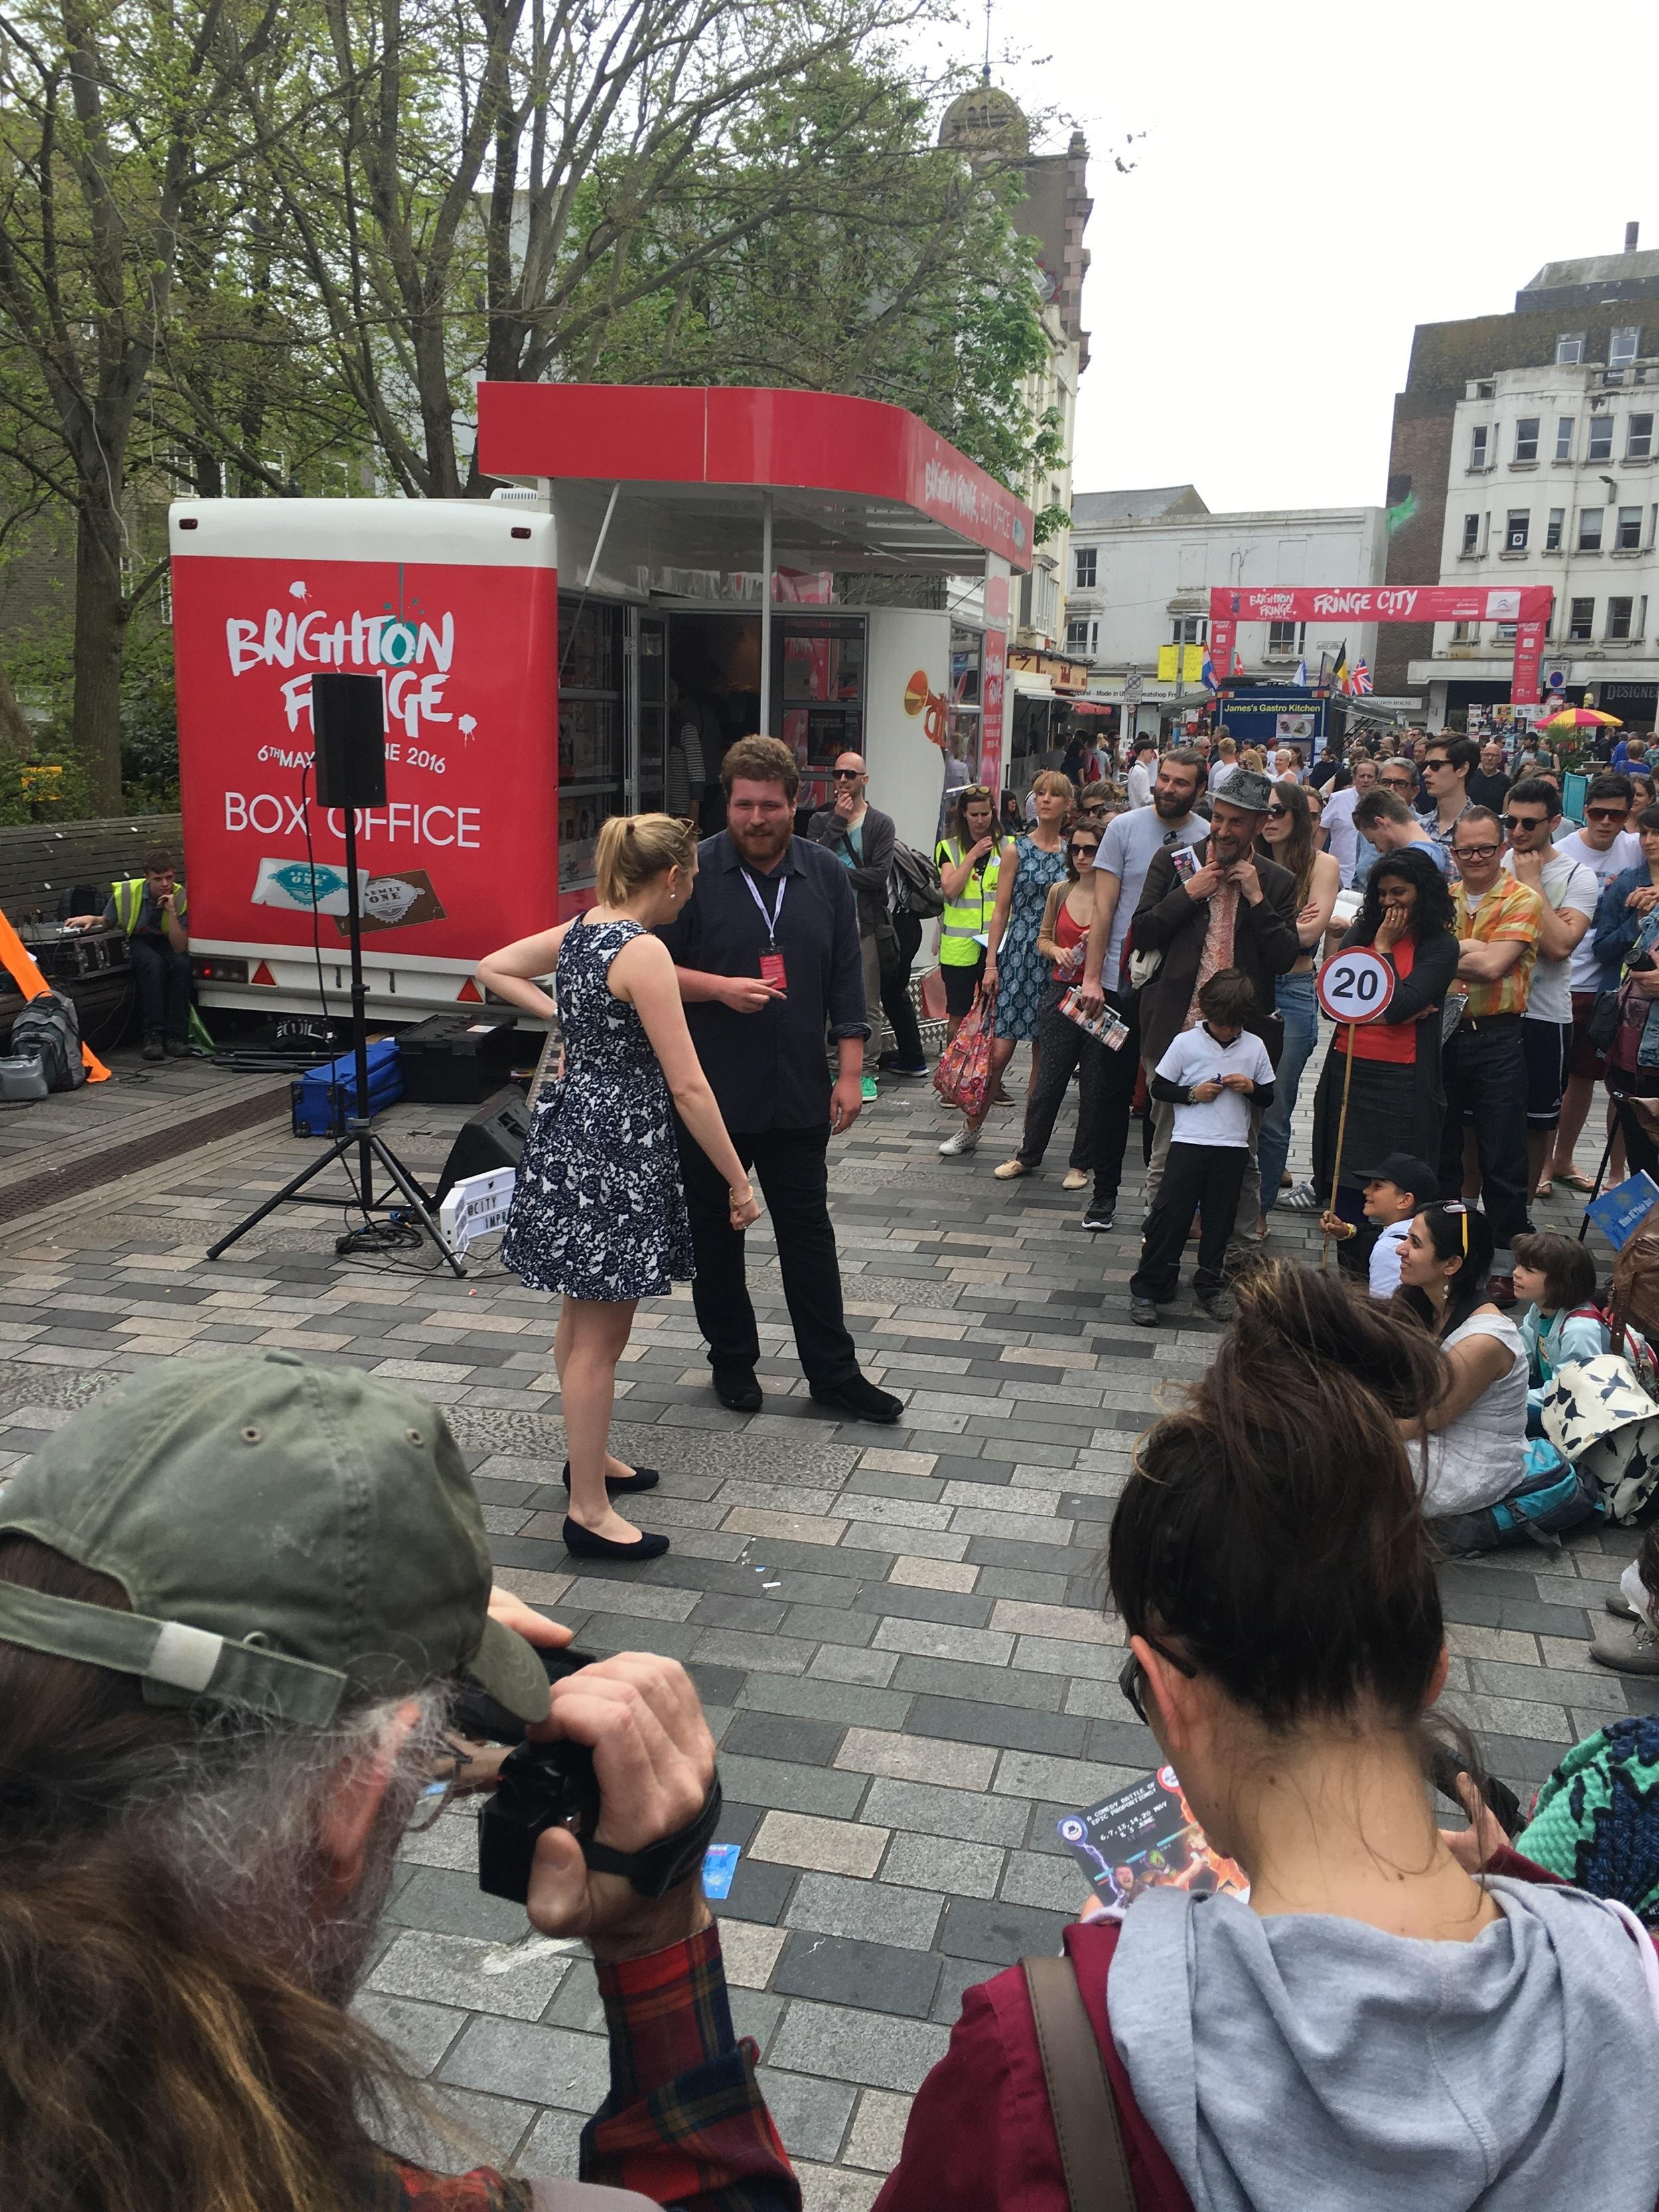 Improv Comedy in Fringe City